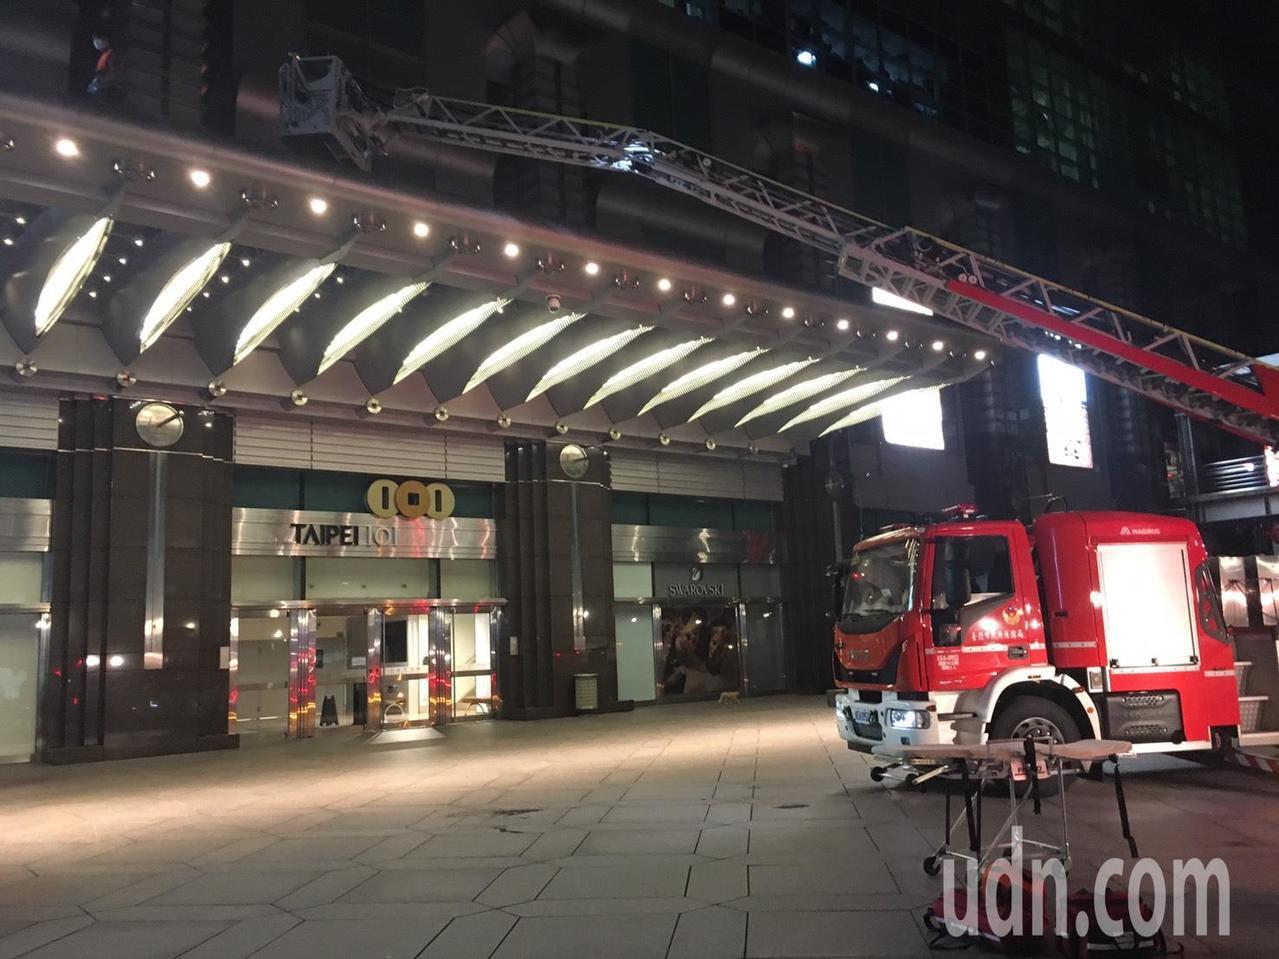 台北101大樓發生工人墜樓意外,兩名工人更換大樓外牆LED燈,李姓工人從6樓墜落...